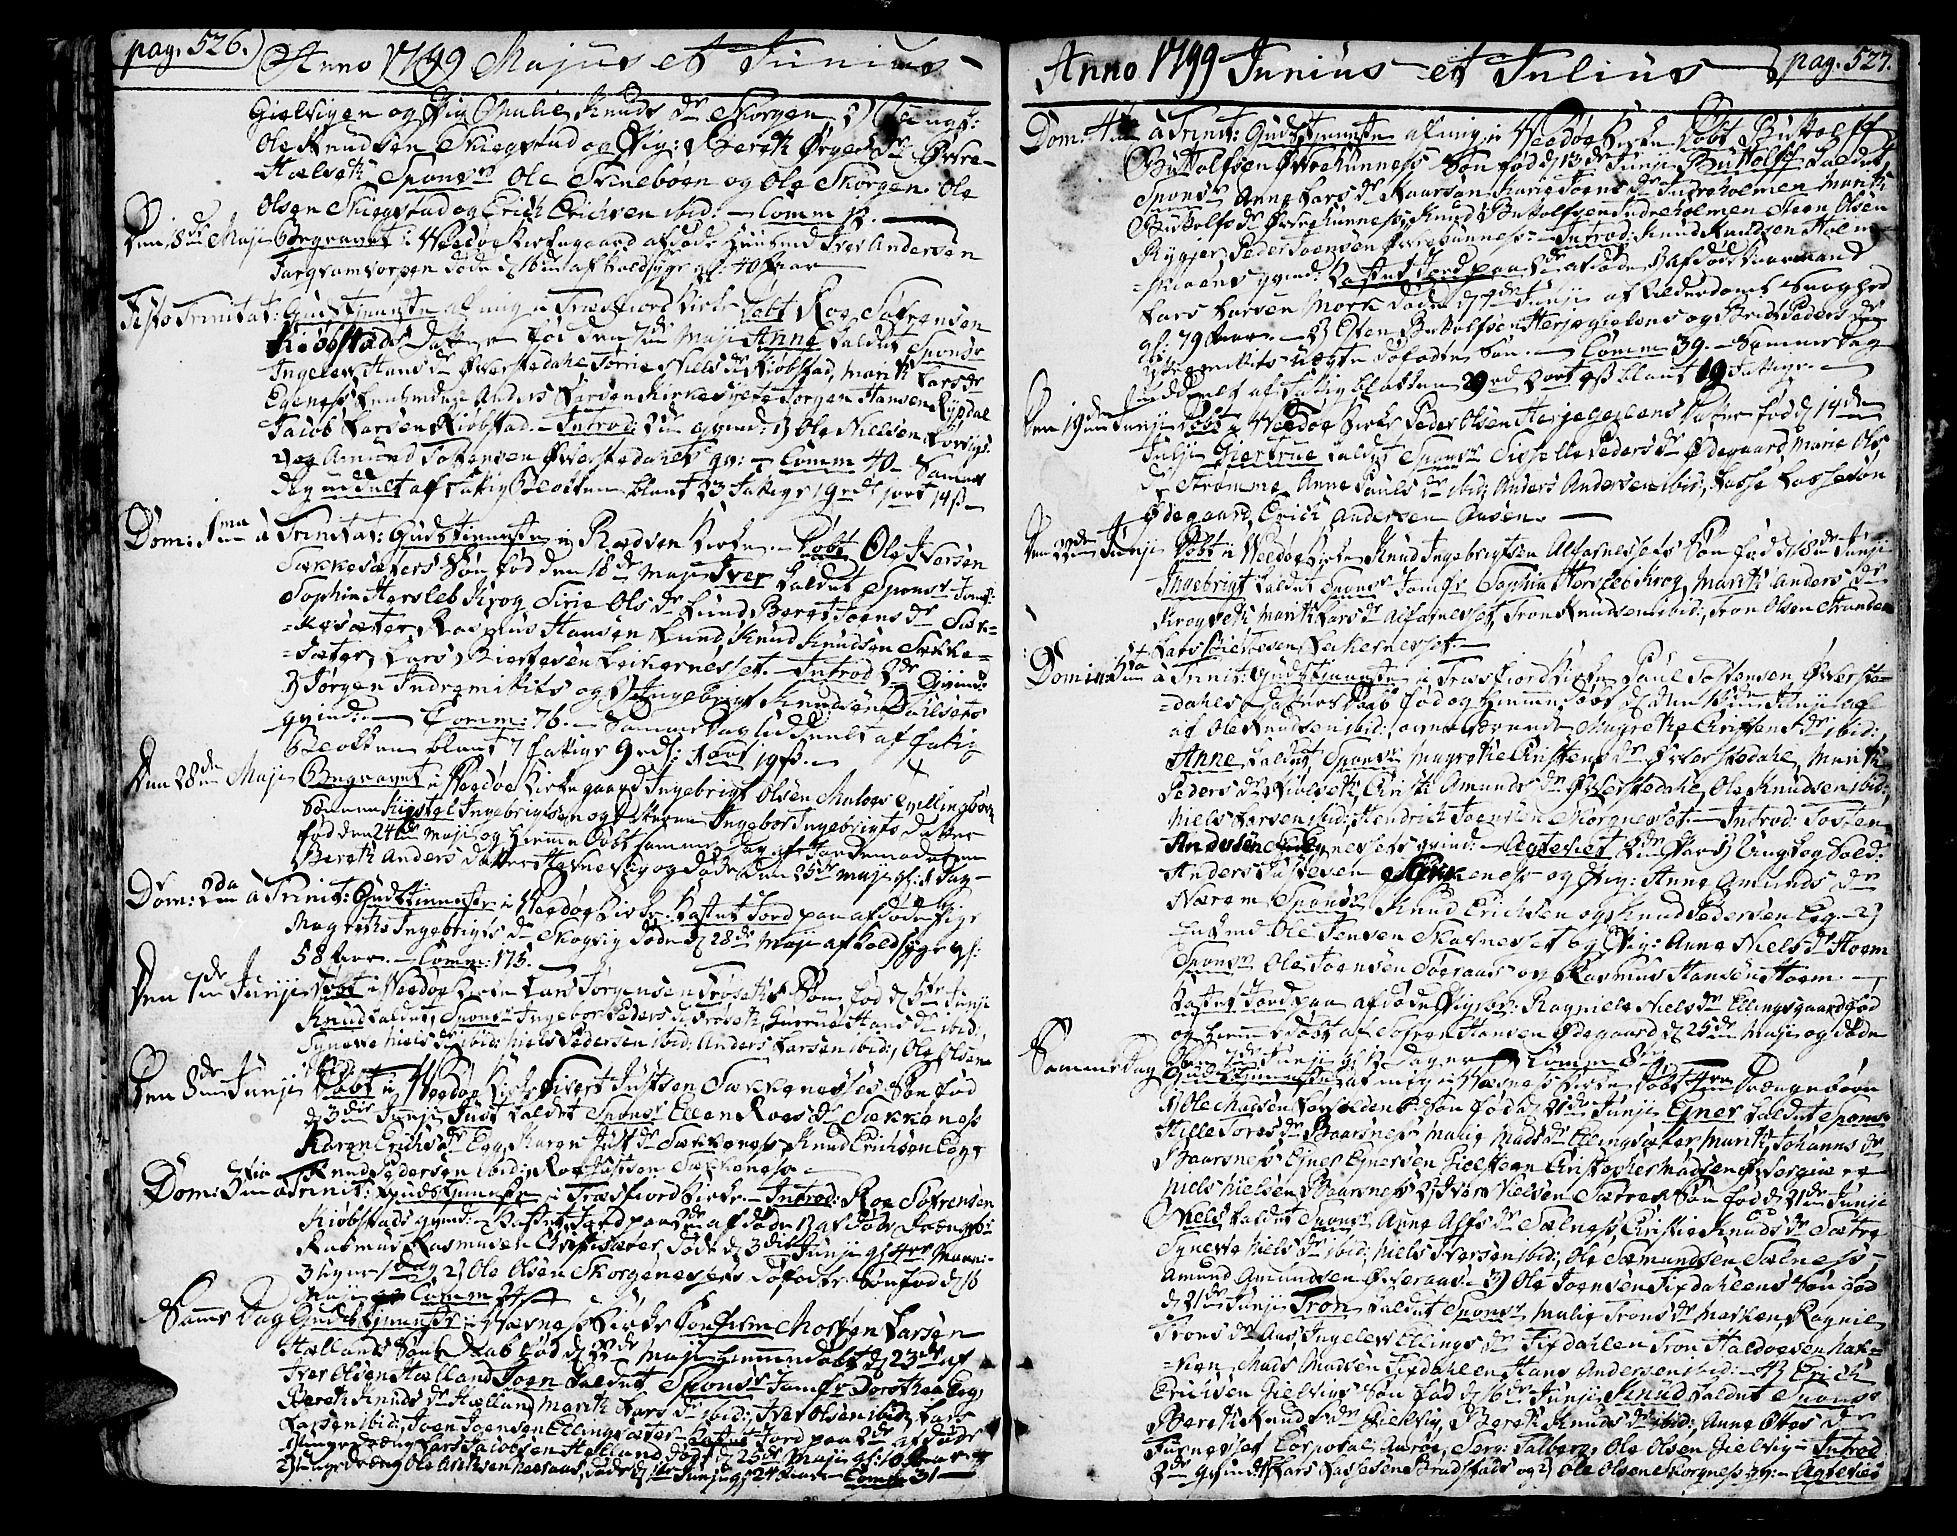 SAT, Ministerialprotokoller, klokkerbøker og fødselsregistre - Møre og Romsdal, 547/L0600: Ministerialbok nr. 547A02, 1765-1799, s. 526-527